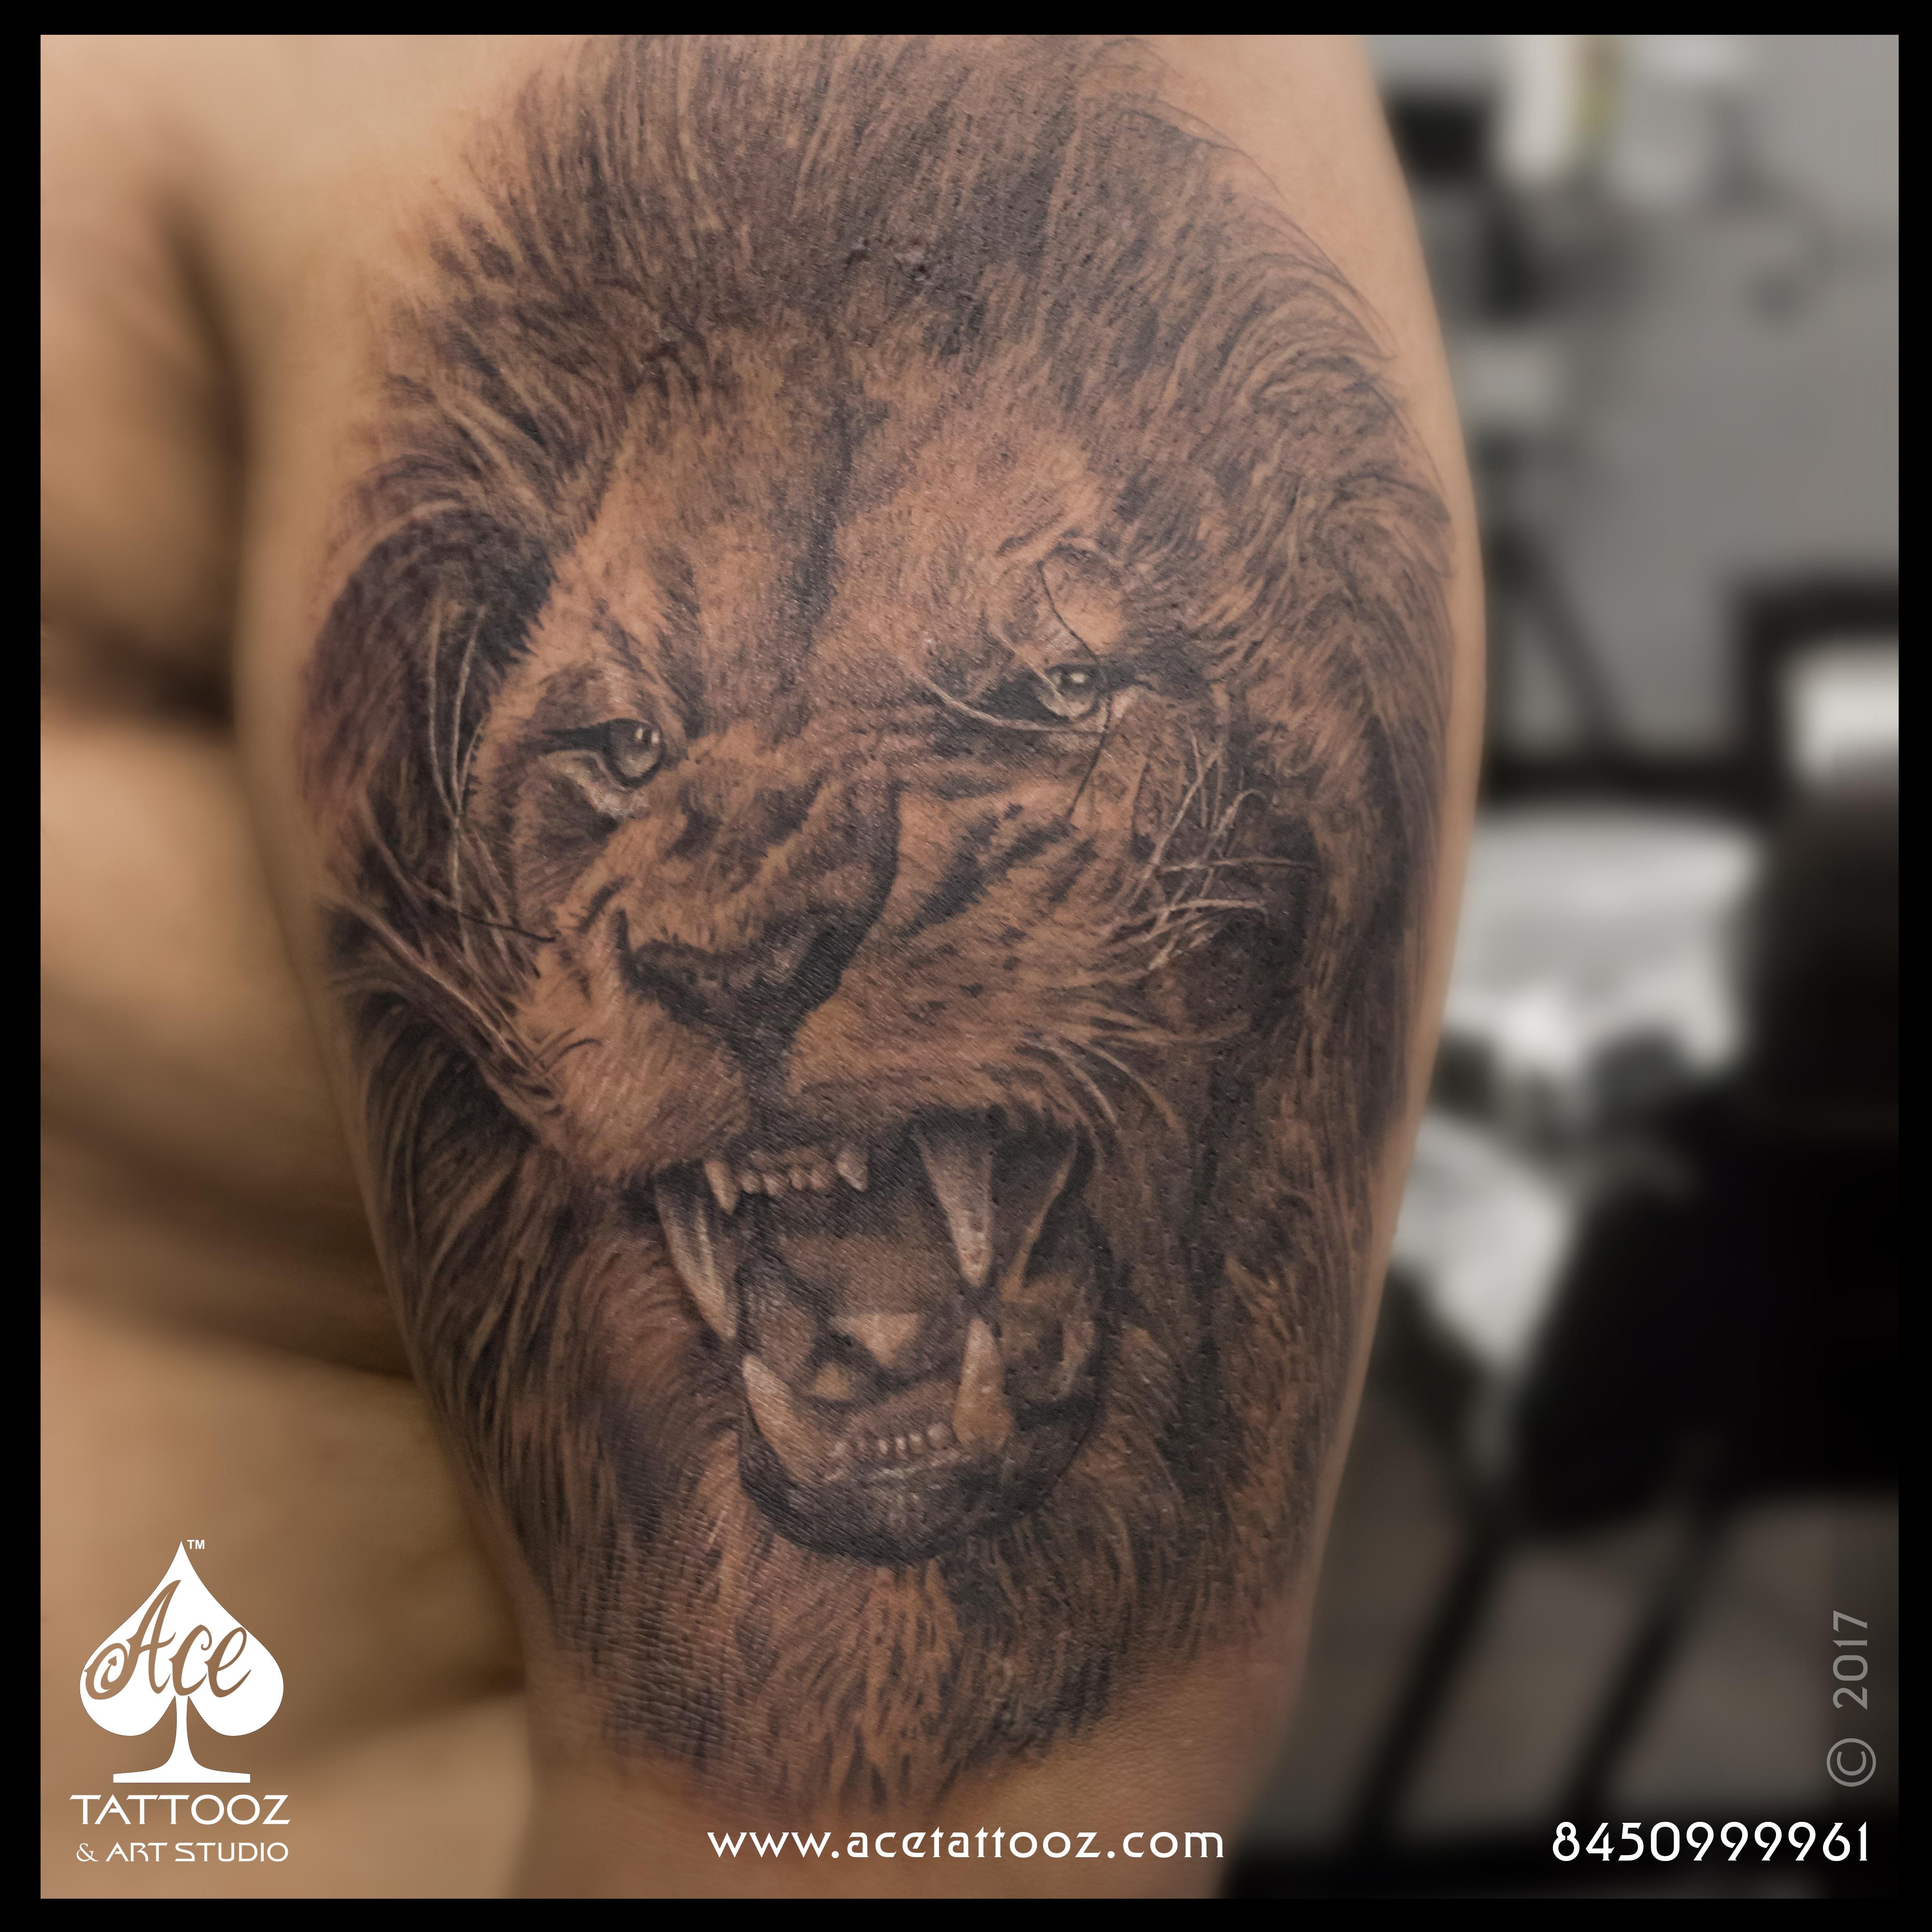 57f4cc980 3D Realistic Lion Tattoo - Ace Tattooz & Art Studio Mumbai India